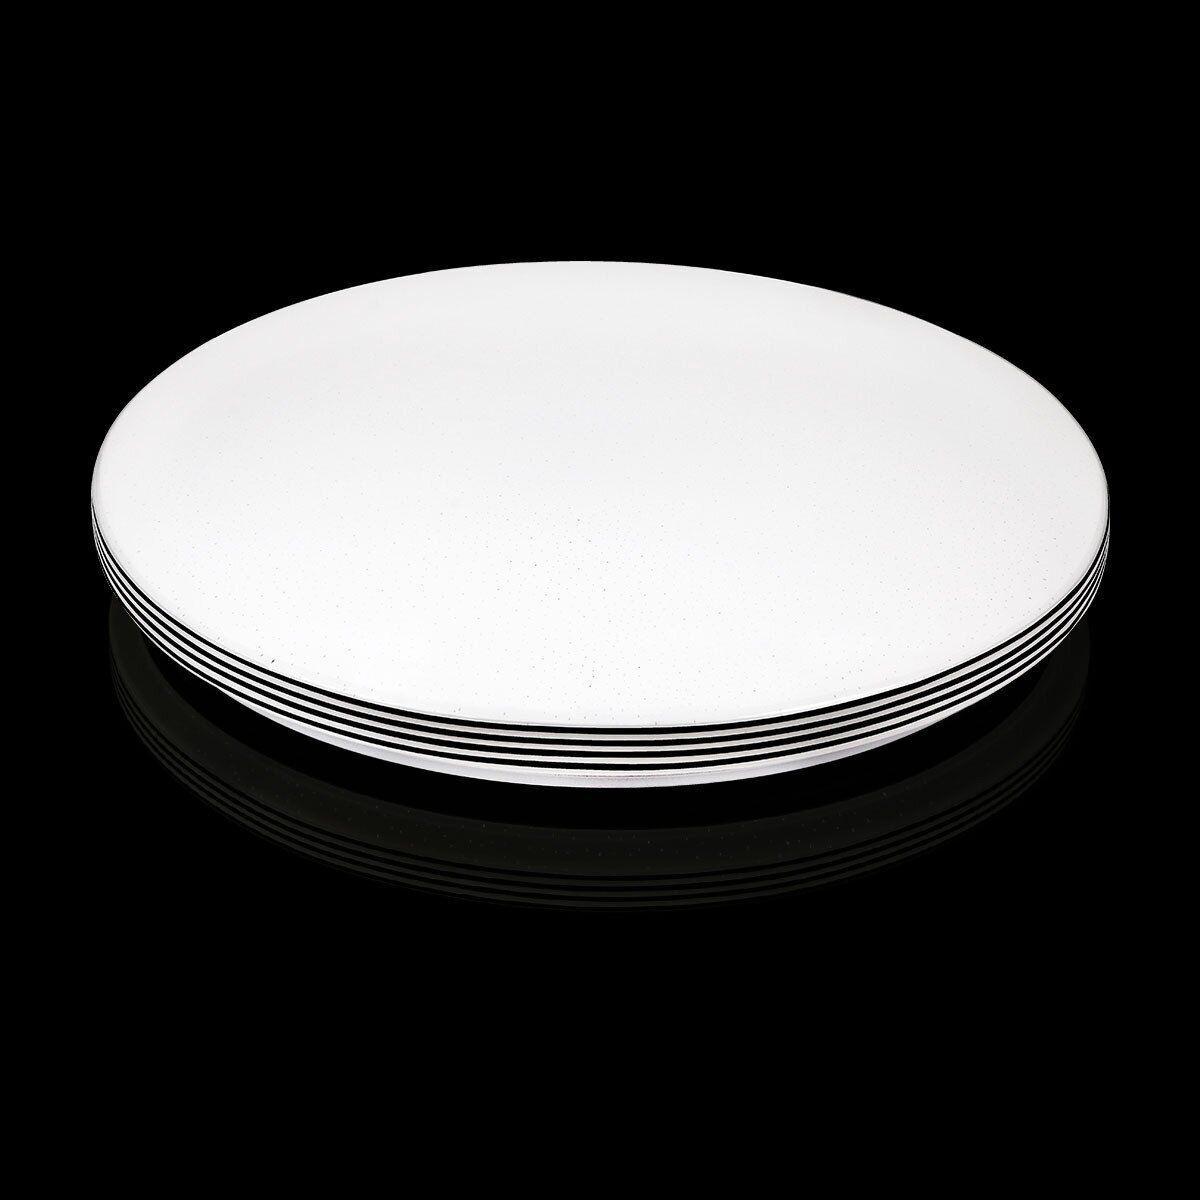 Світильник світлодіодний Biom SMART DEL-R04-42 4500K 42Вт без д/к